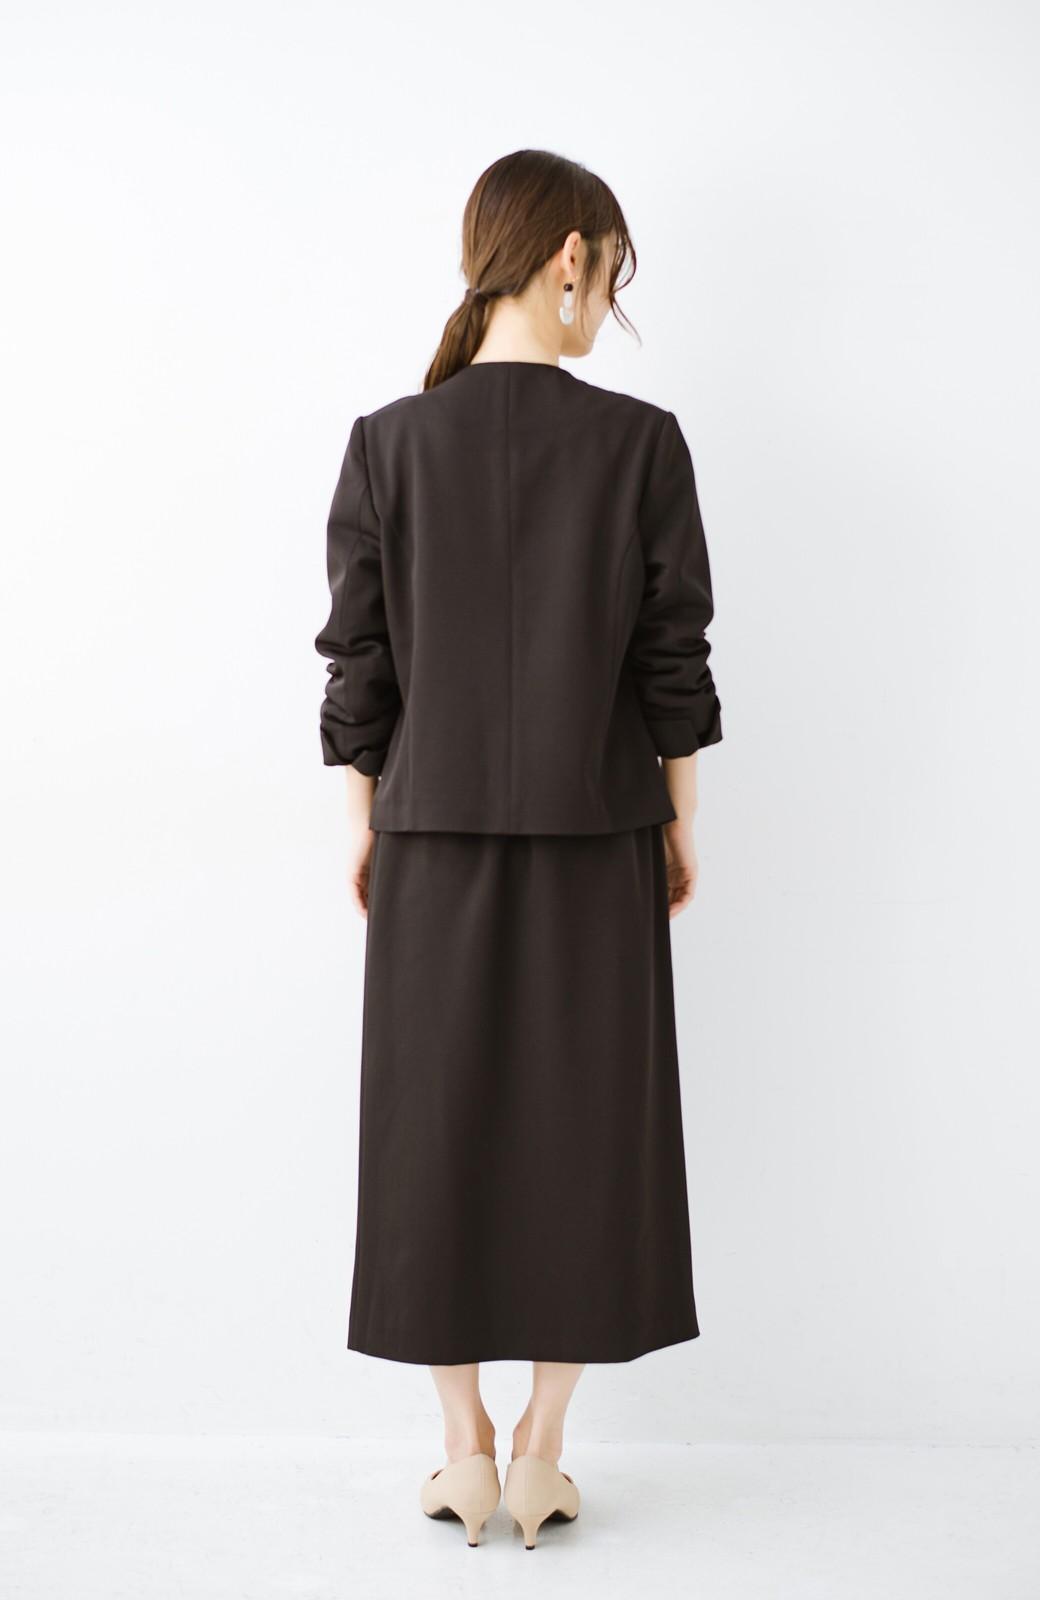 haco! いざというとき困らないための 大人のフォーマルジャケット・スカート2点セット by que made me <ブラック>の商品写真18